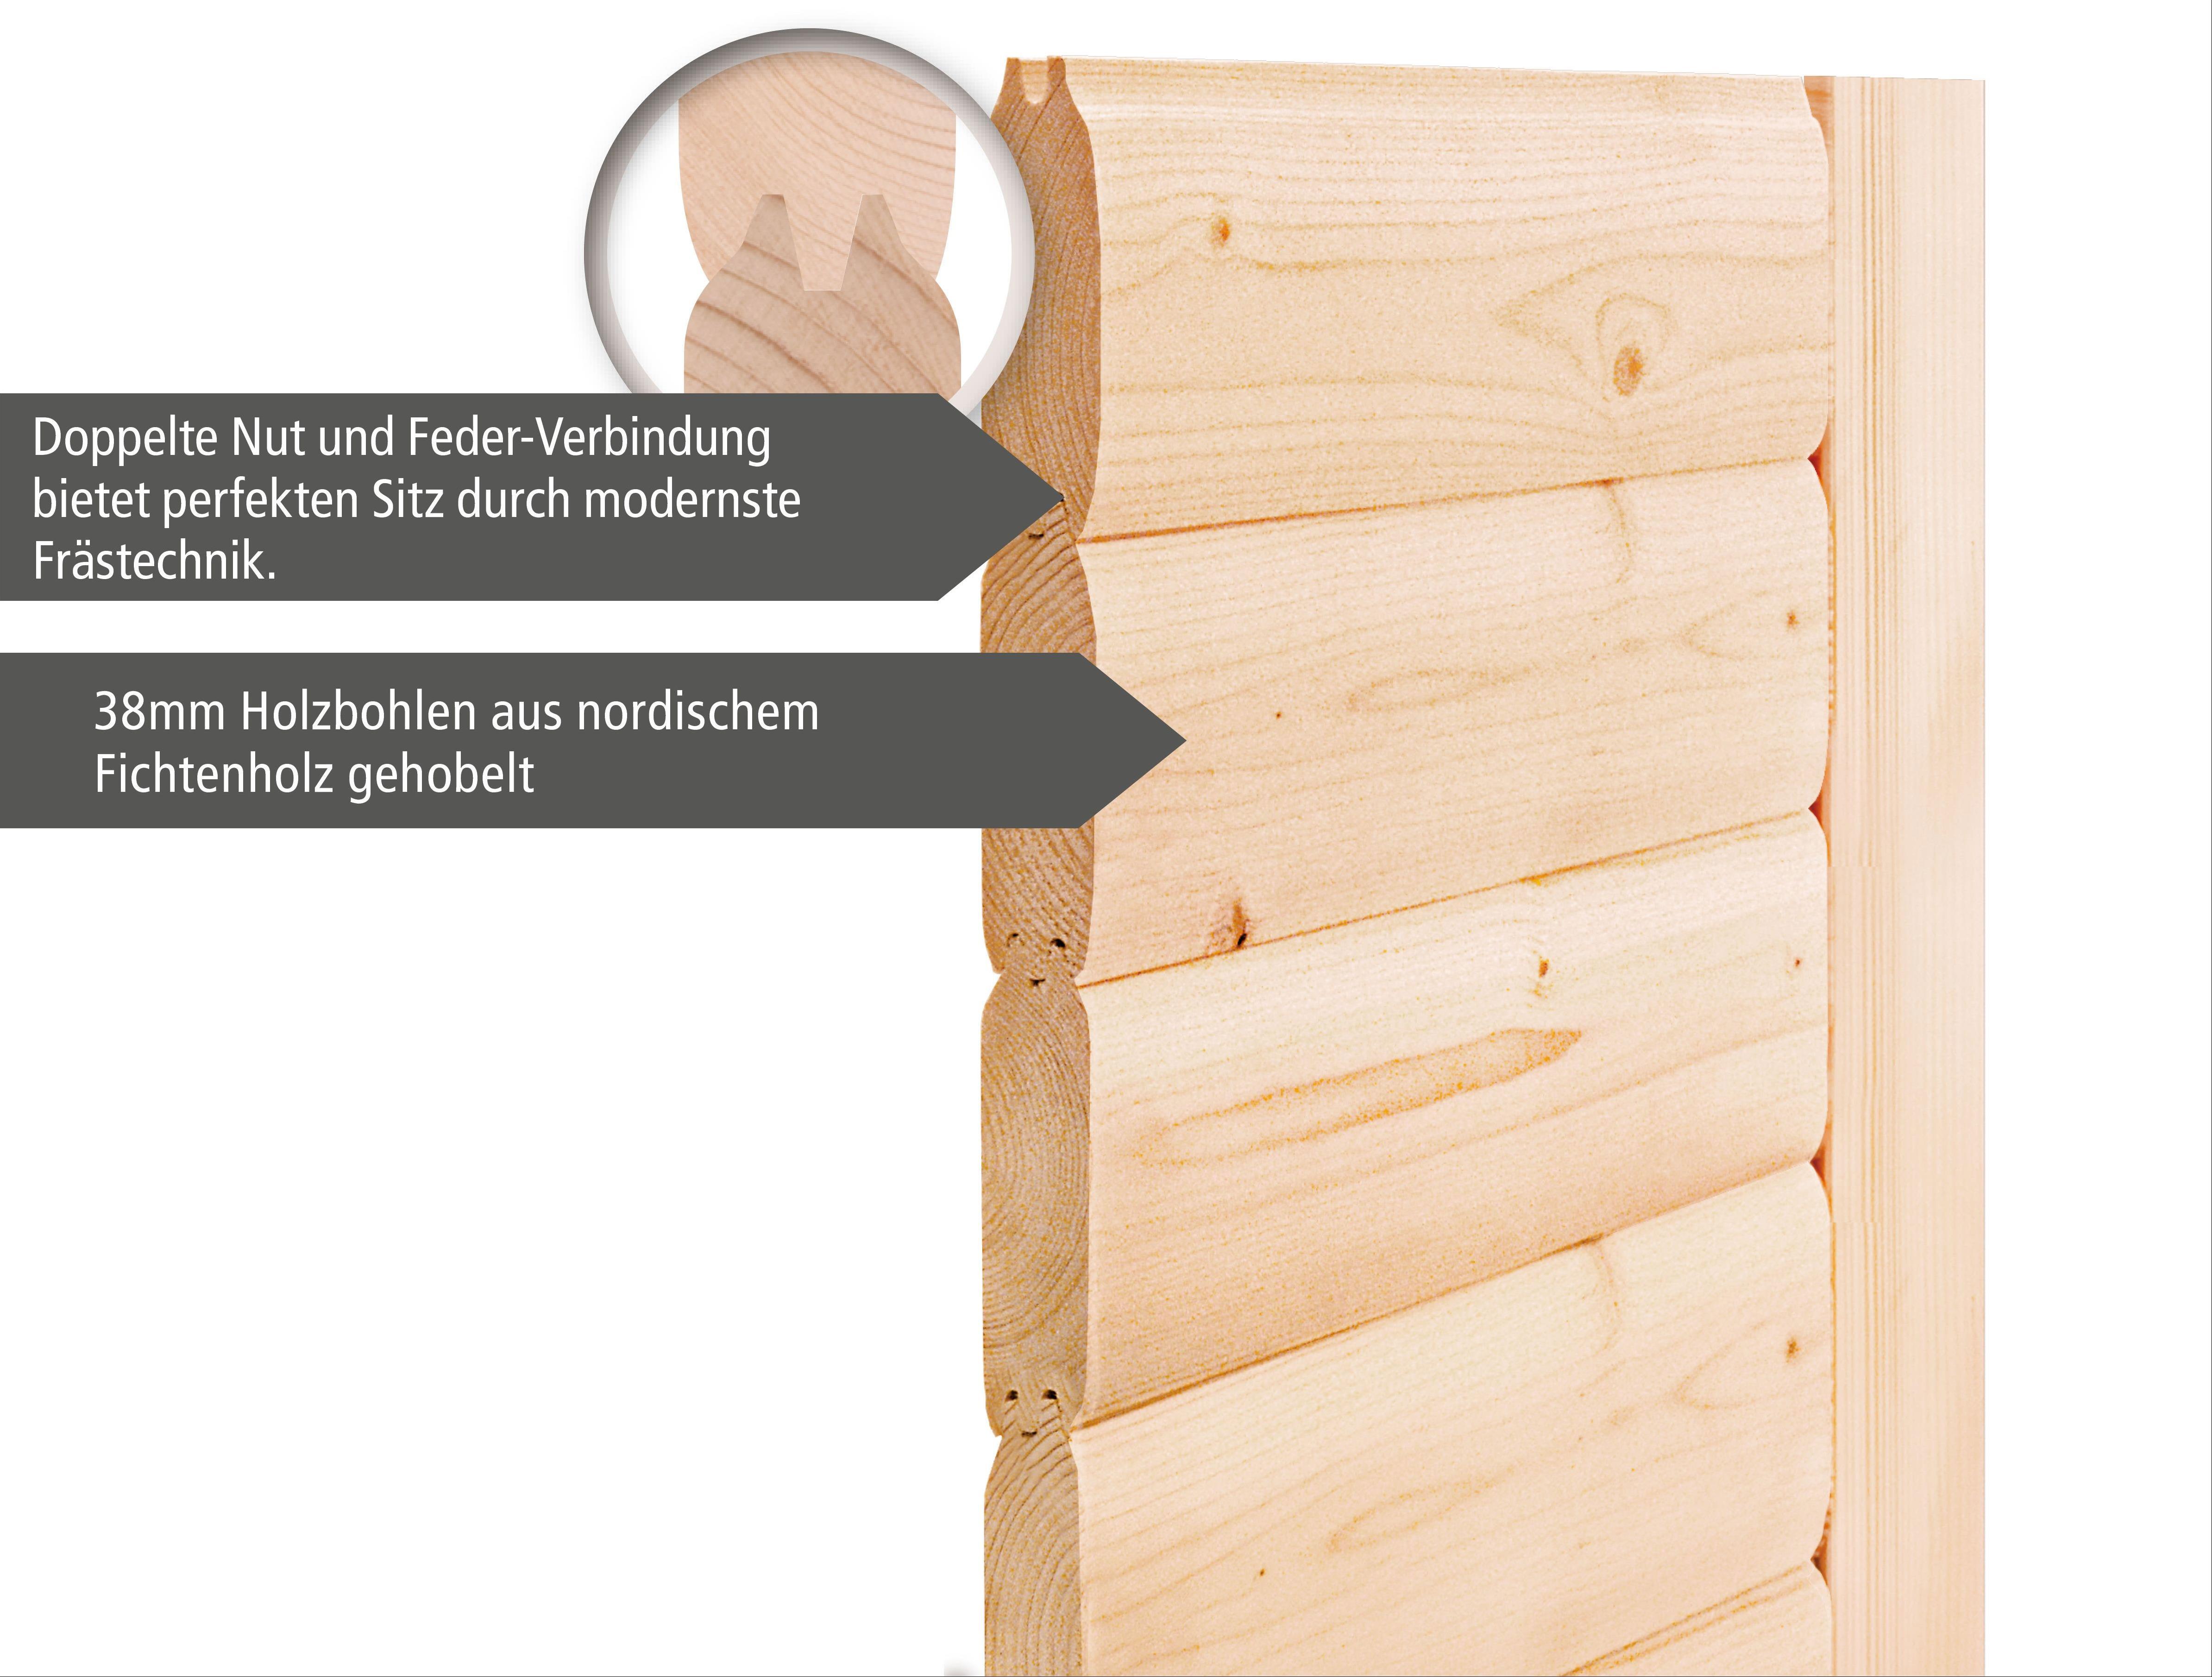 Woodfeeling Sauna Karla 38mm Kranz Ofen Bio 9kW Tür modern Bild 5